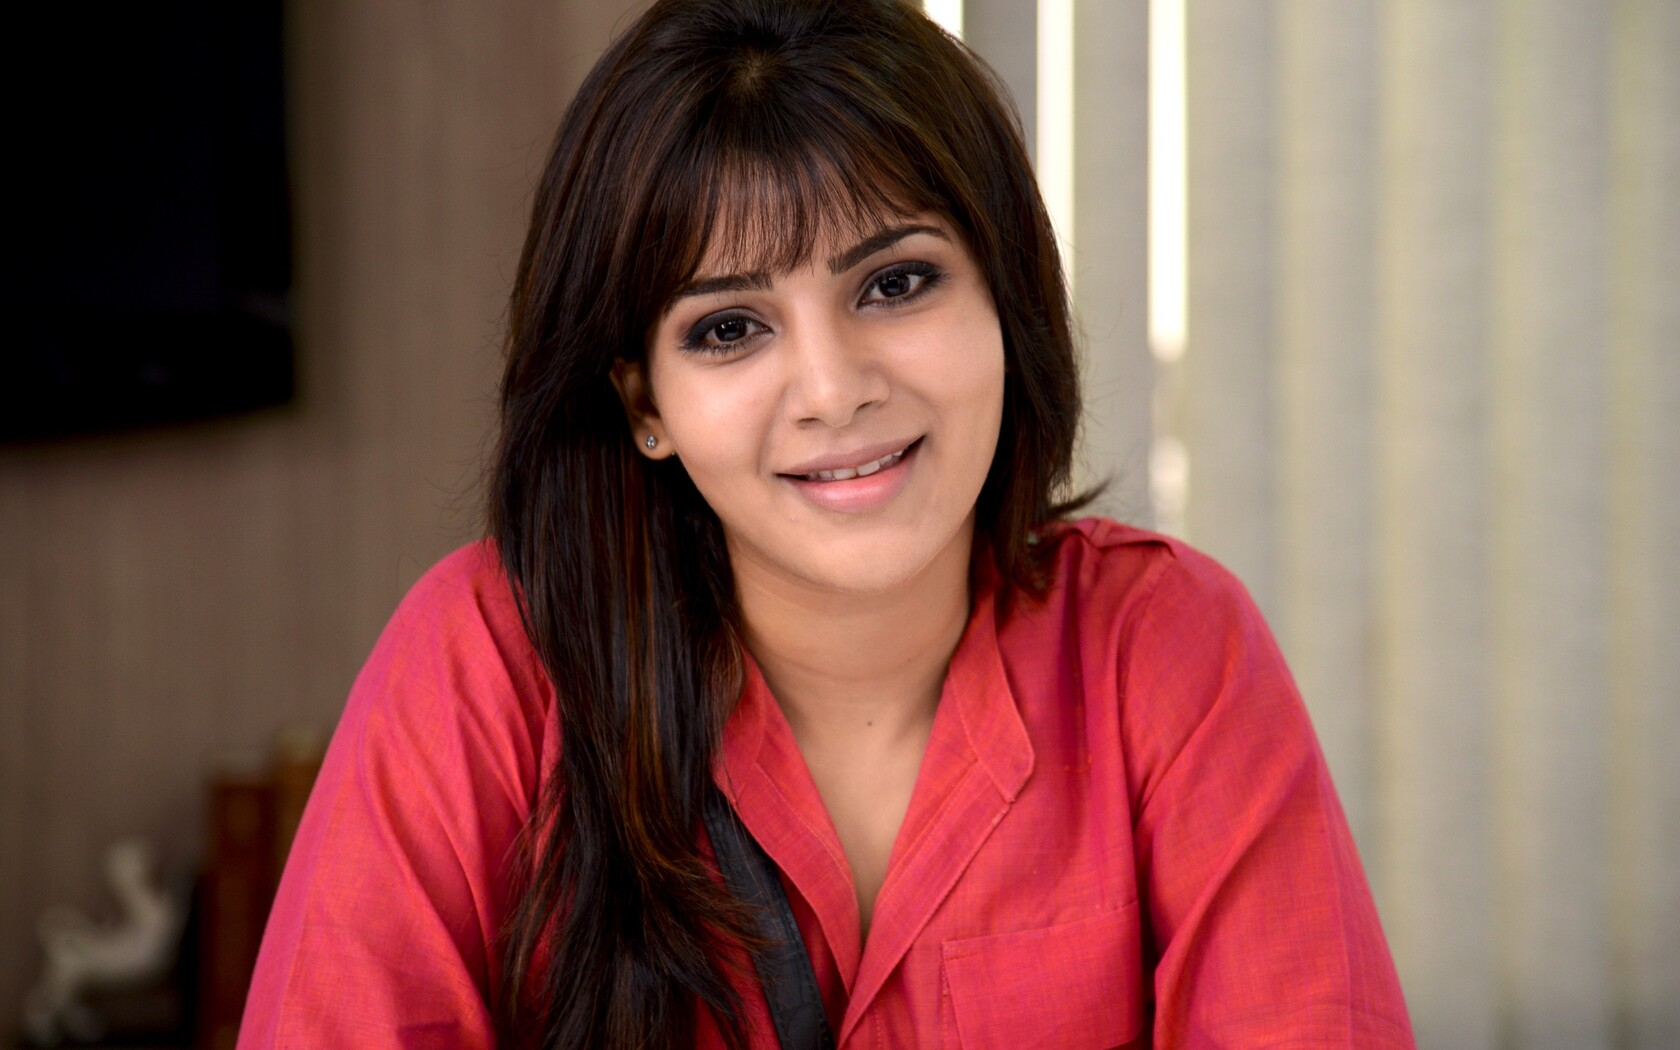 1680x1050 Samantha Indian Actress Desktop 1680x1050